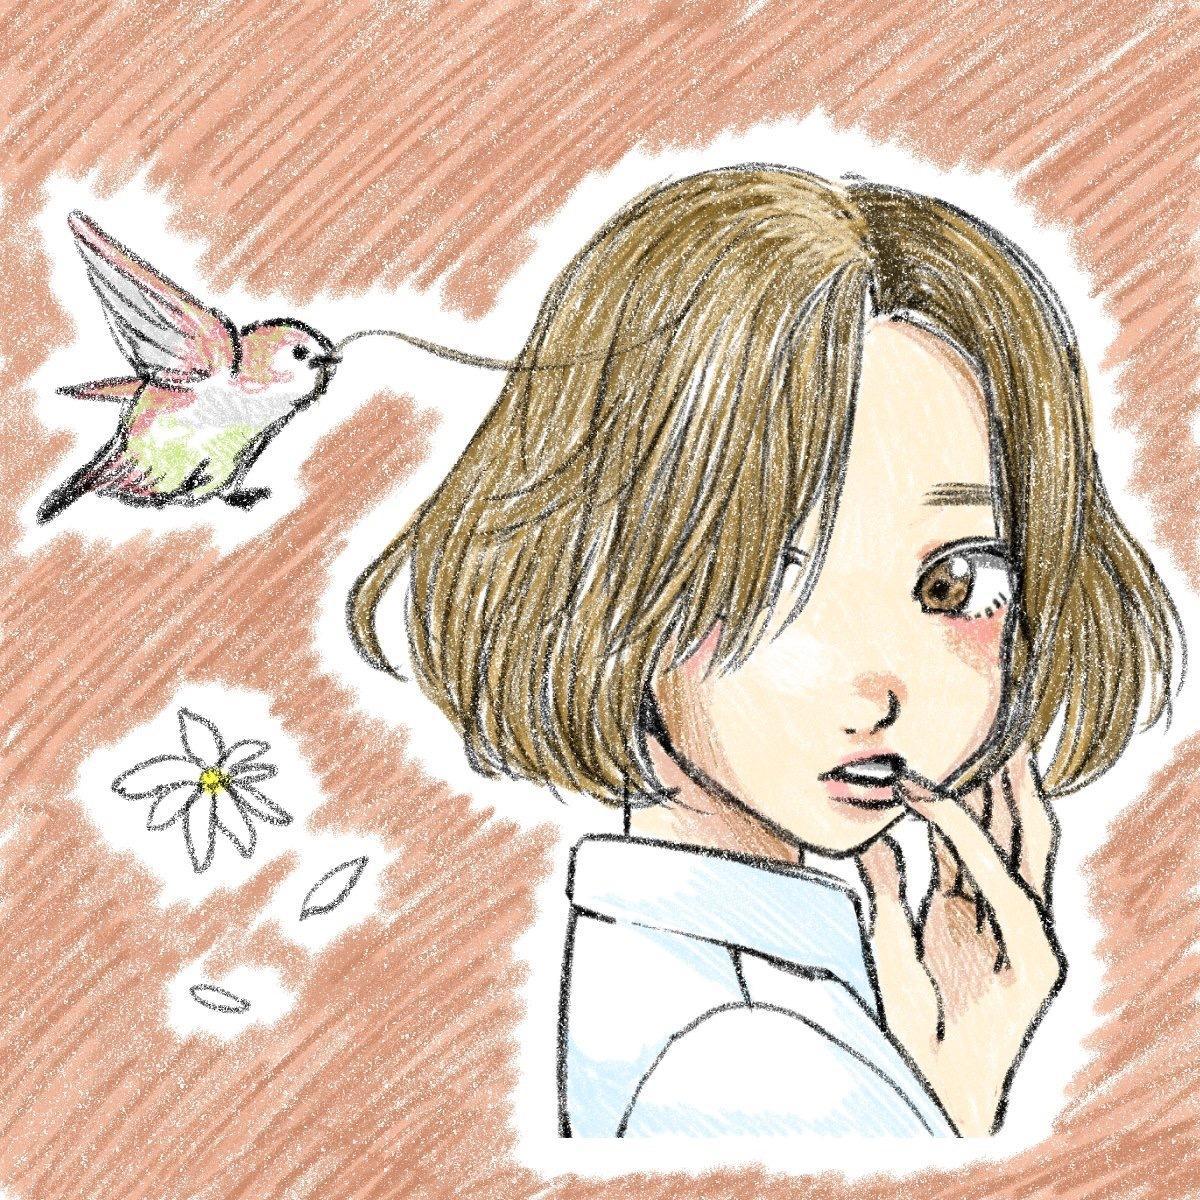 様々な絵柄で、あなたの求める絵を描きます 自分のアイデア、センスをイラストにしたいあなたへ!